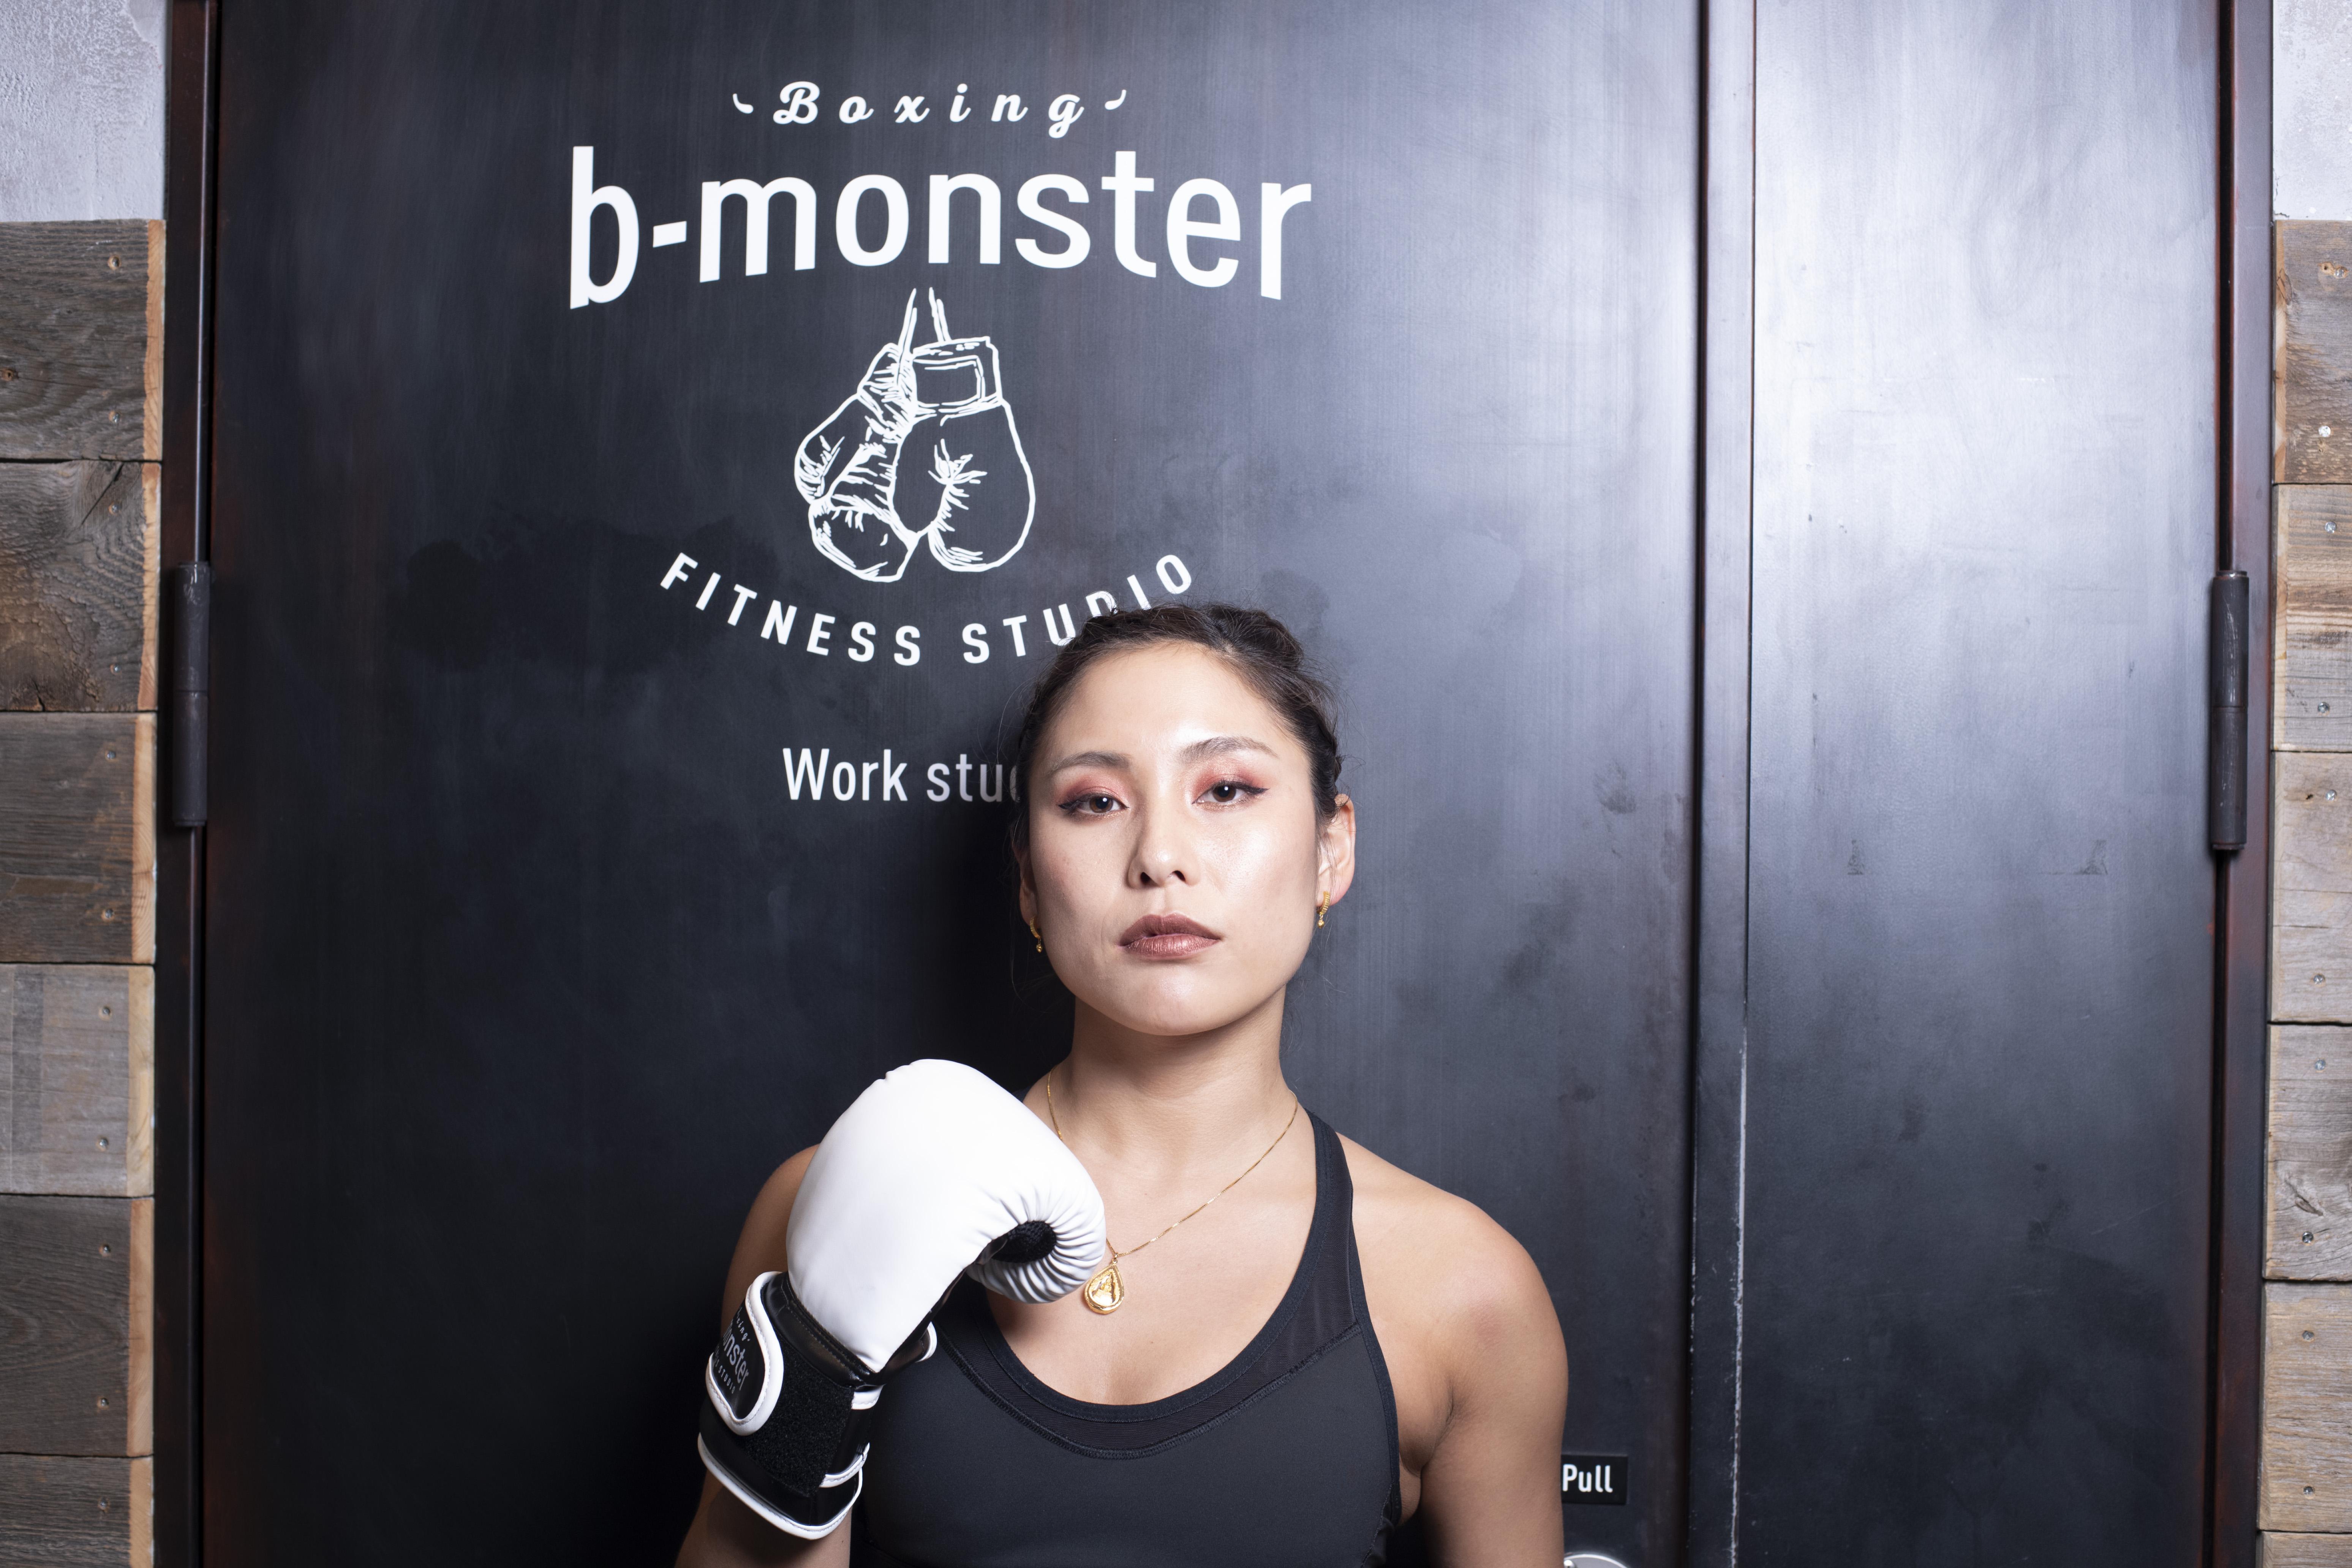 b-monsterインストラクターKIMIのインタビュー